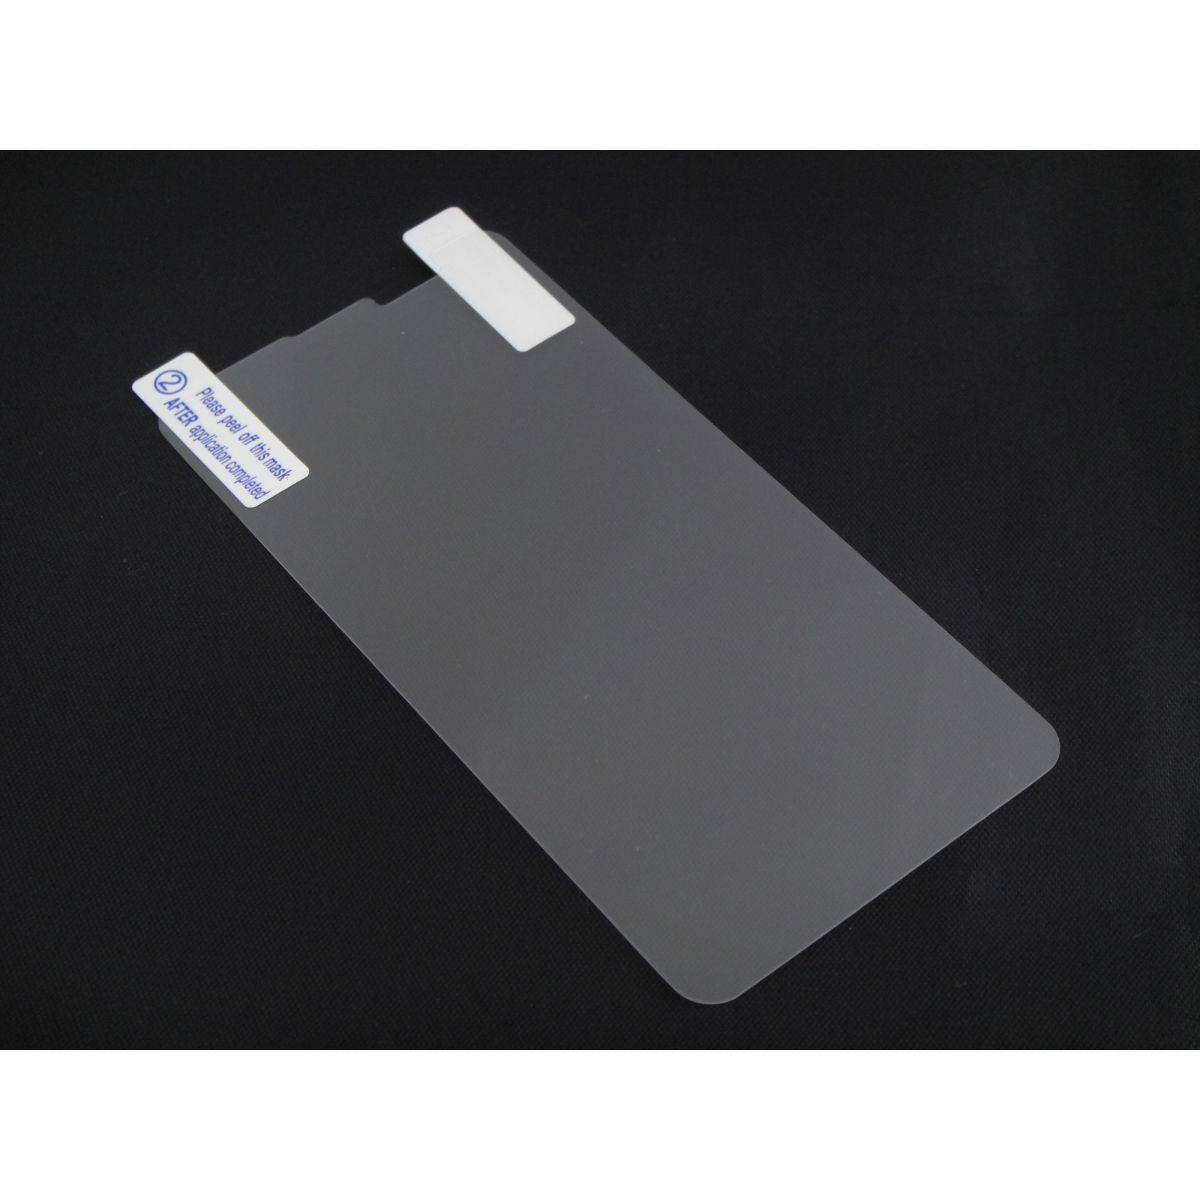 Película Protetora para LG Escape Optimus F5 P875 - Fosca